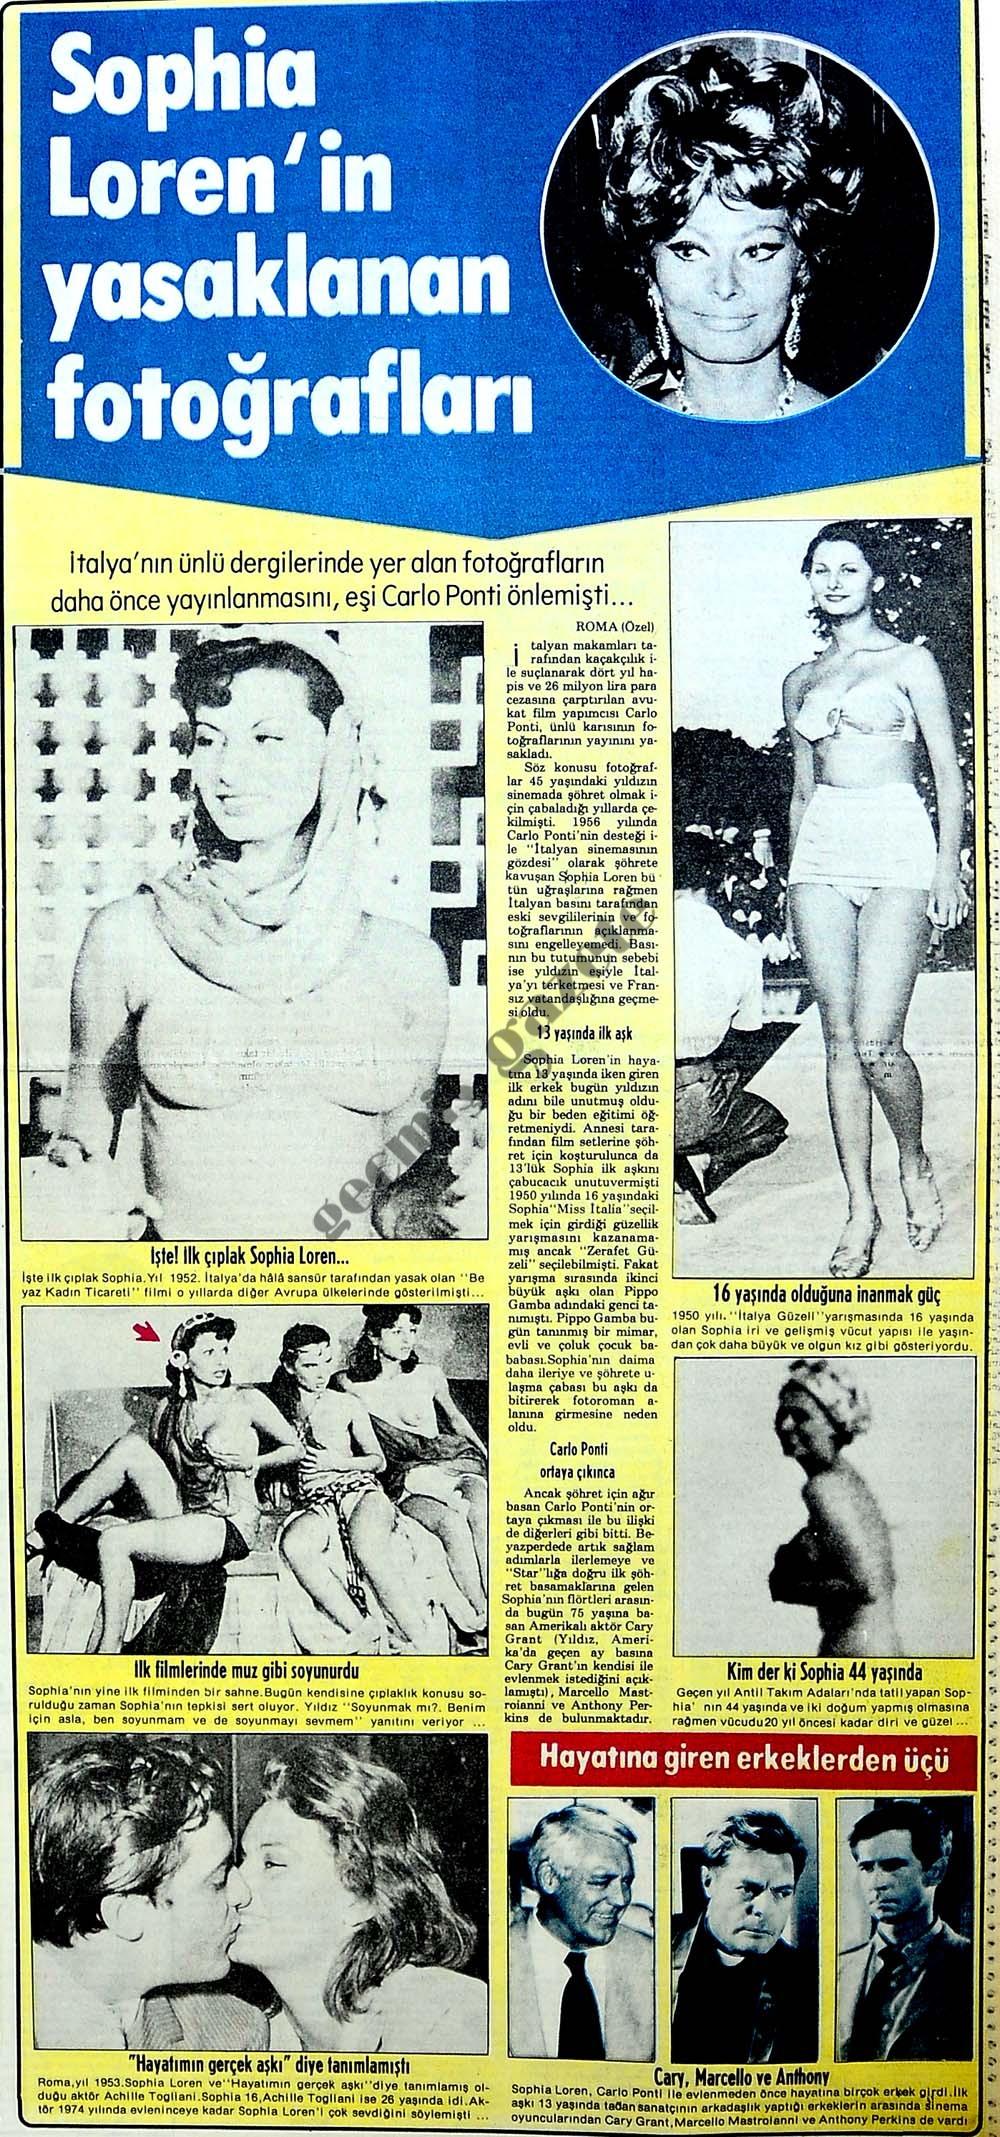 Sophia Loren'in yasaklanan fotoğrafları